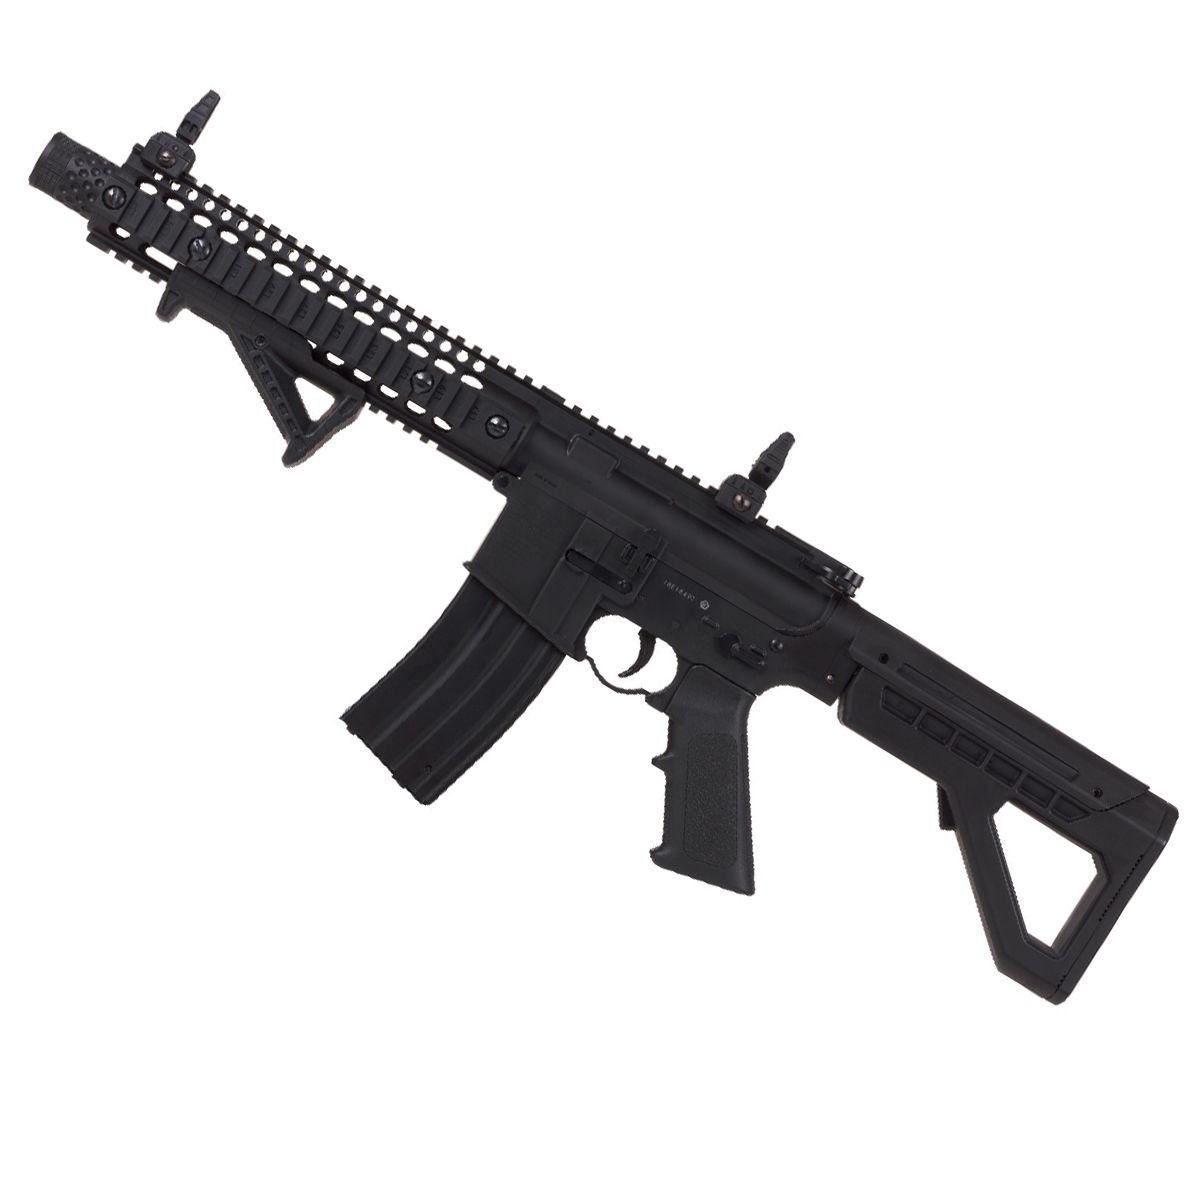 Carabina / Rifle De Pressão Co2 DPMS SBR 4.5mm Blowback